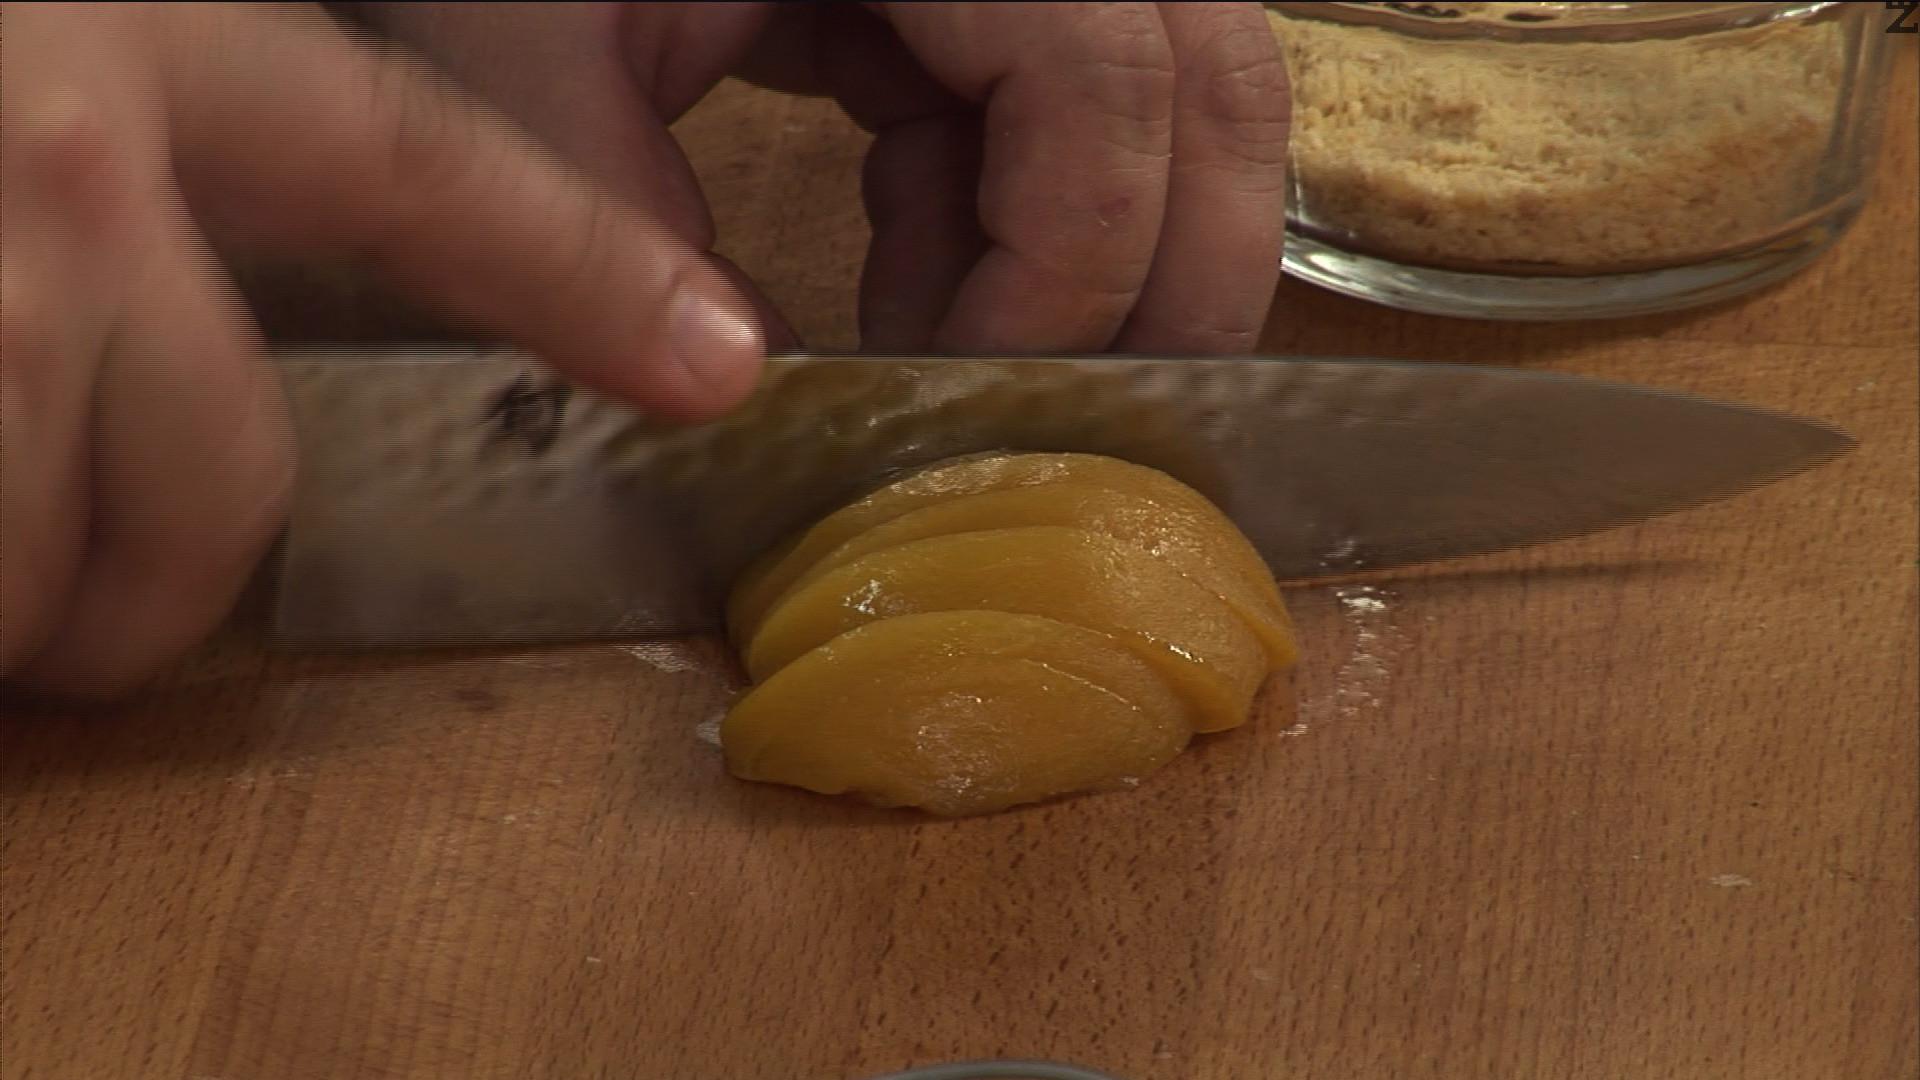 Нарязваме прасковите на ивички. Поставяме ги върху бисквитите в купичките.